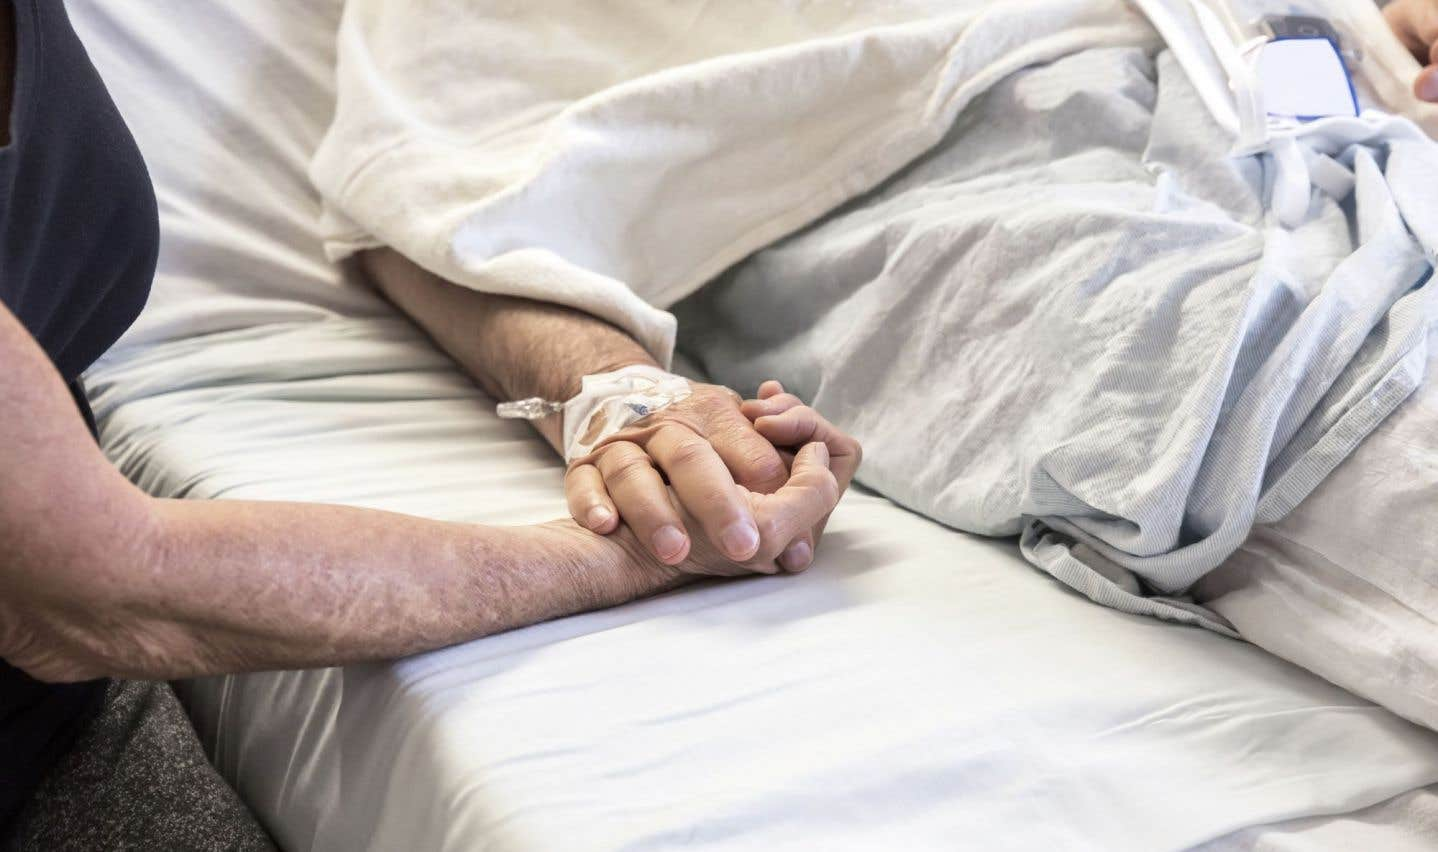 Le milieu des soins palliatifs va-t-il devenir invivable?